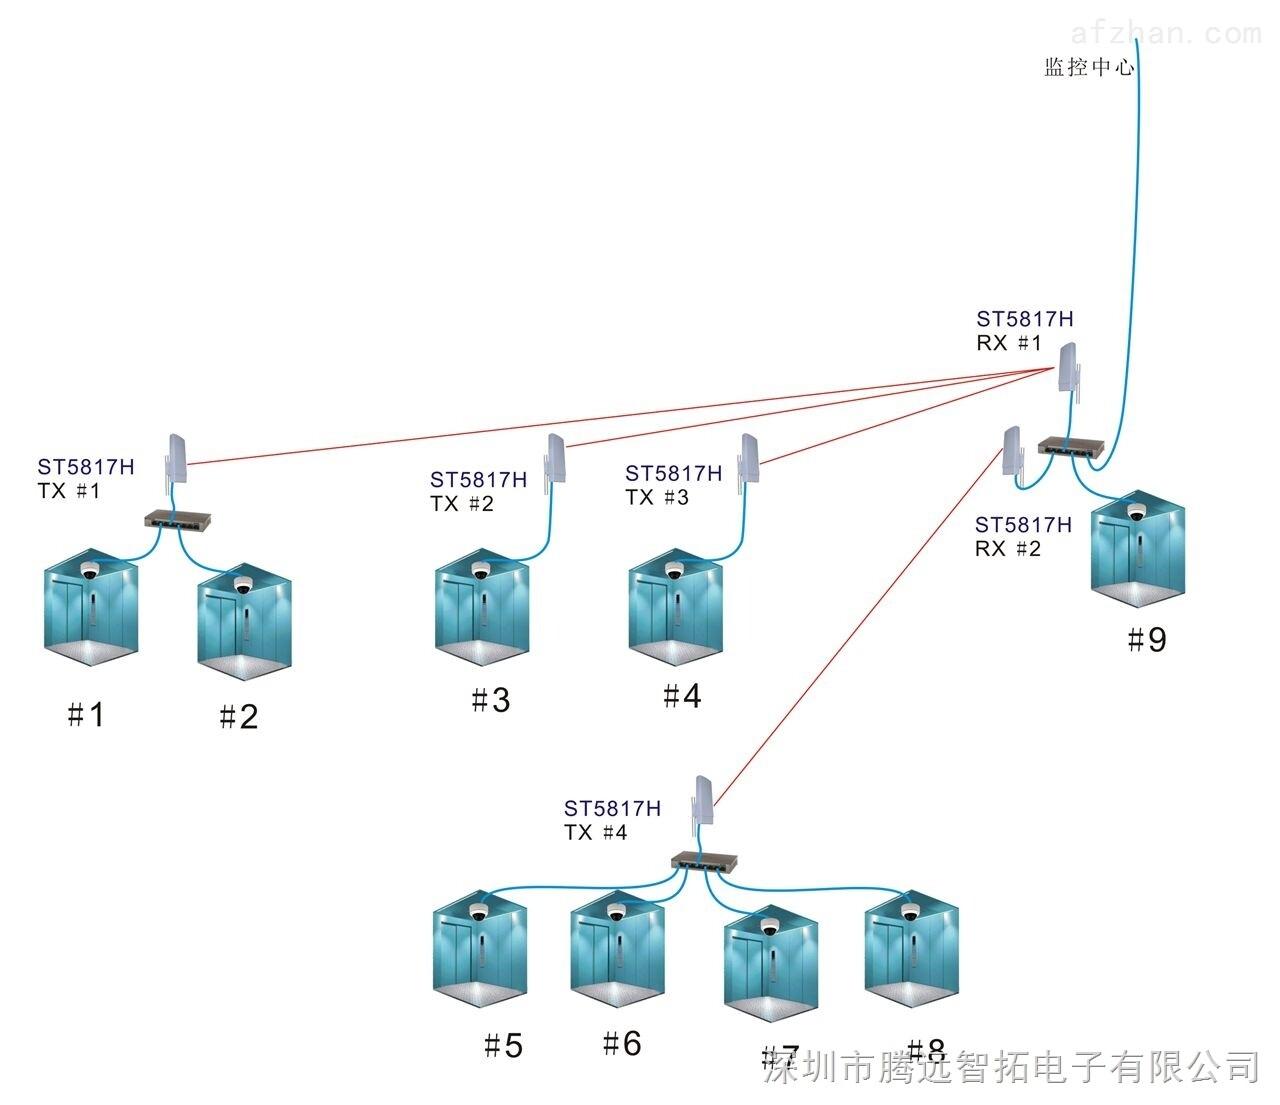 腾远智拓电梯专用无线视频监控设备无线网桥无线监控